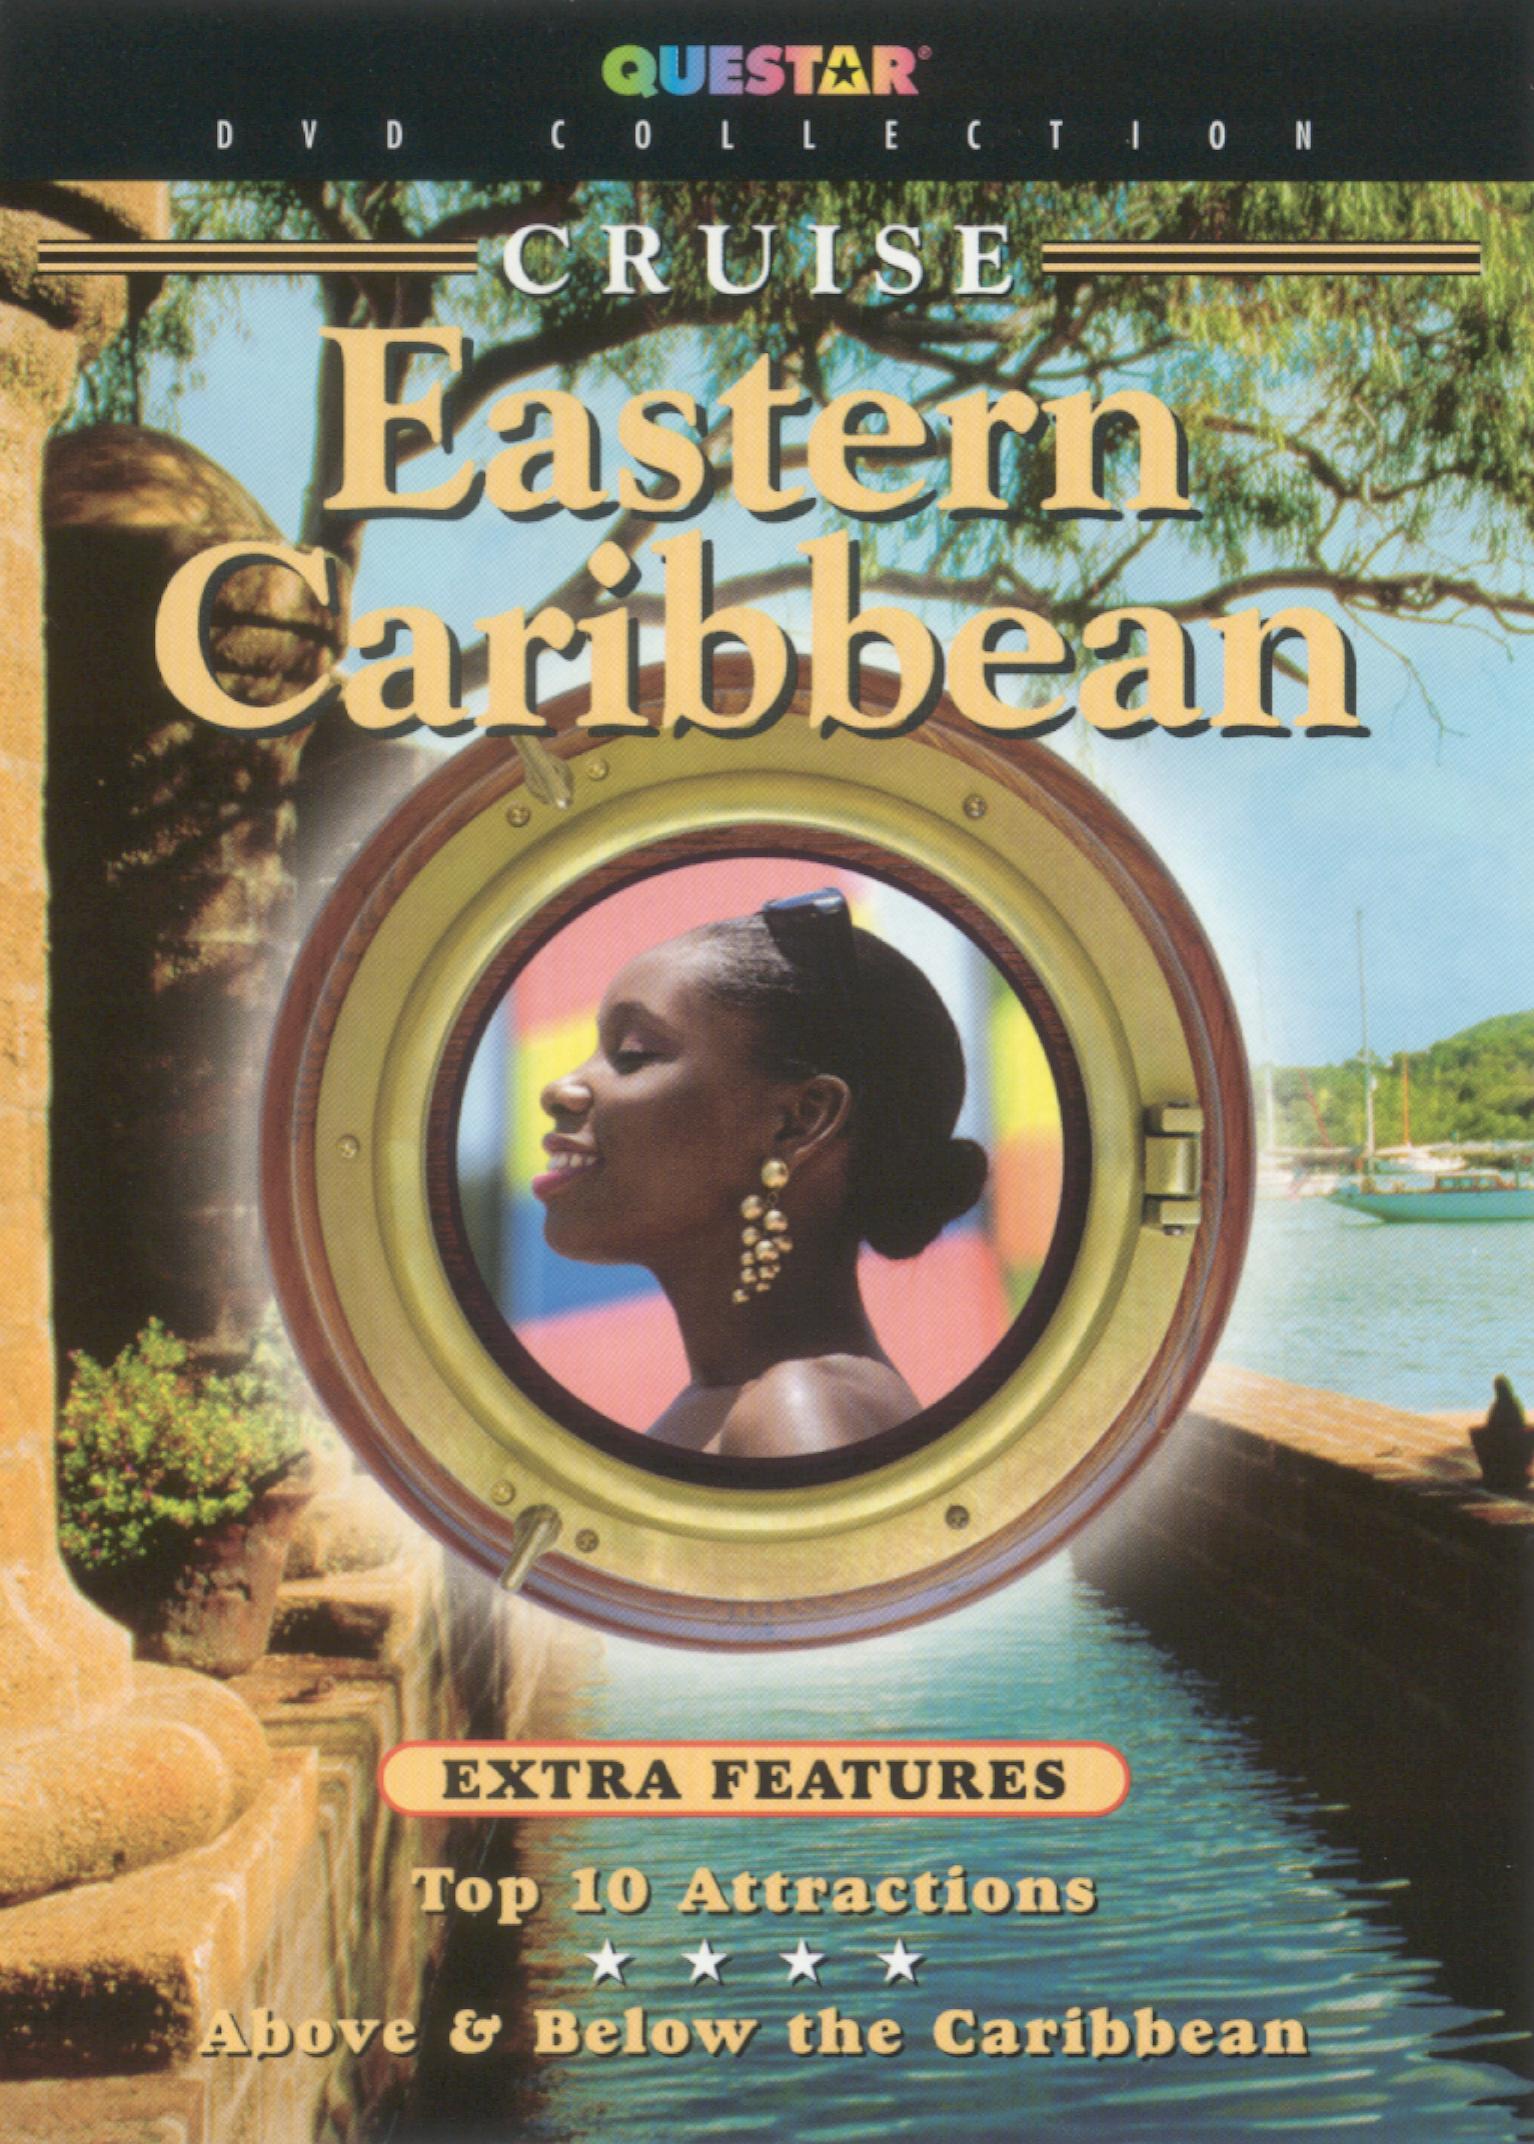 Cruise Eastern Caribbean (2005)